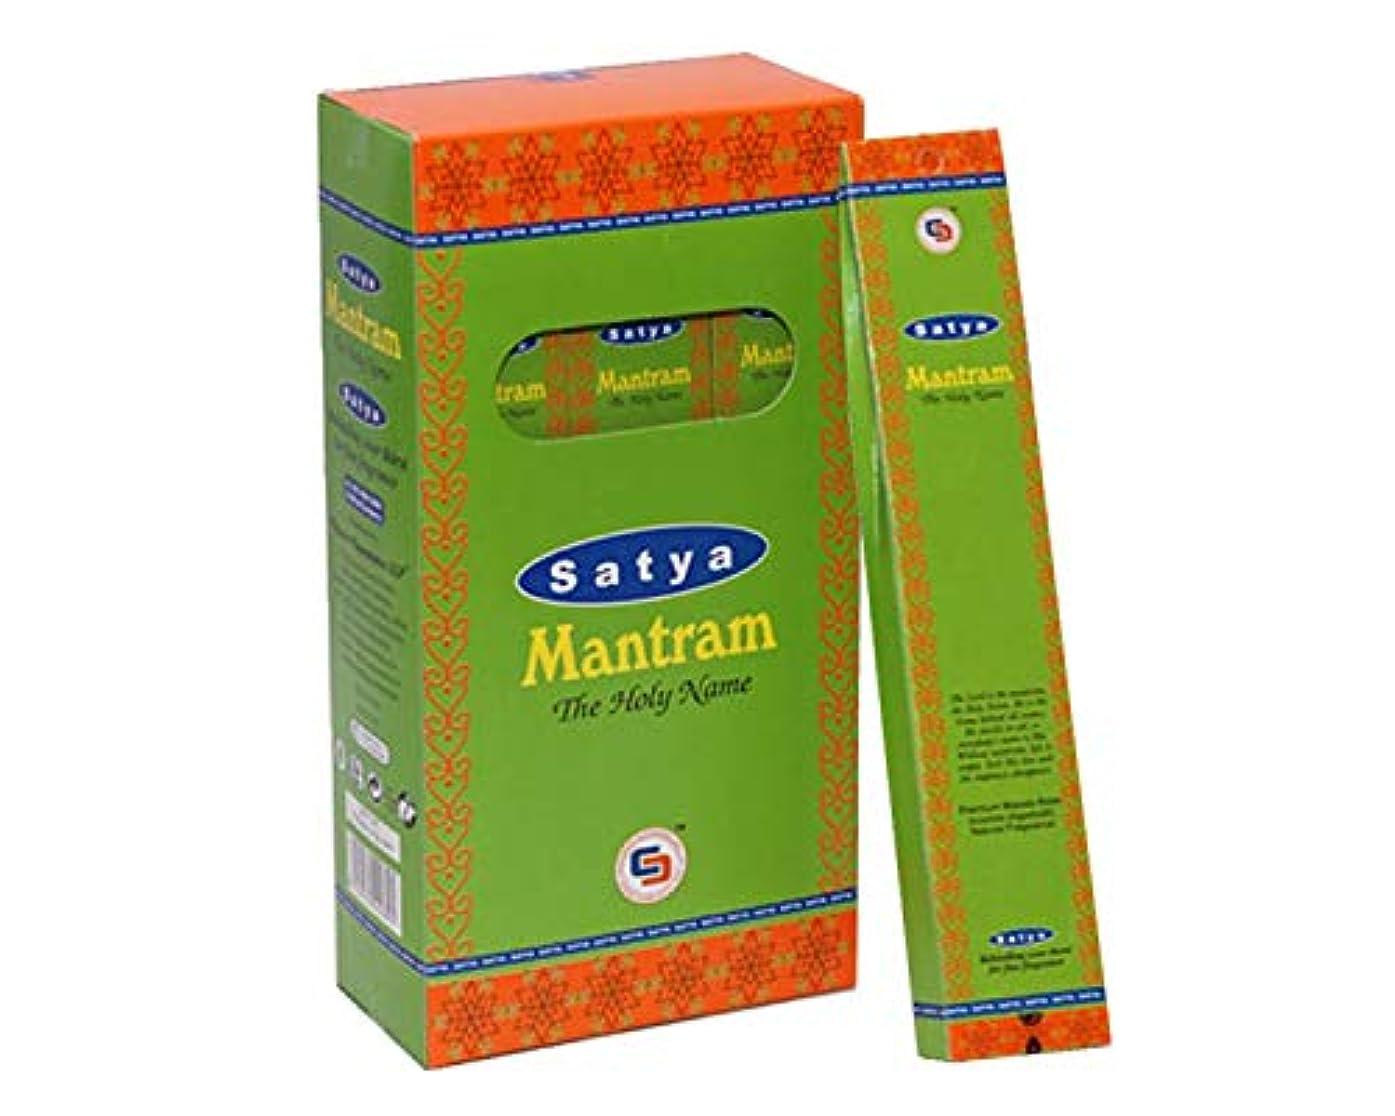 関係ない思い出すボウリングSatya Mantram お香スティック Agarbatti 180グラムボックス   箱入り12パック   輸出品質